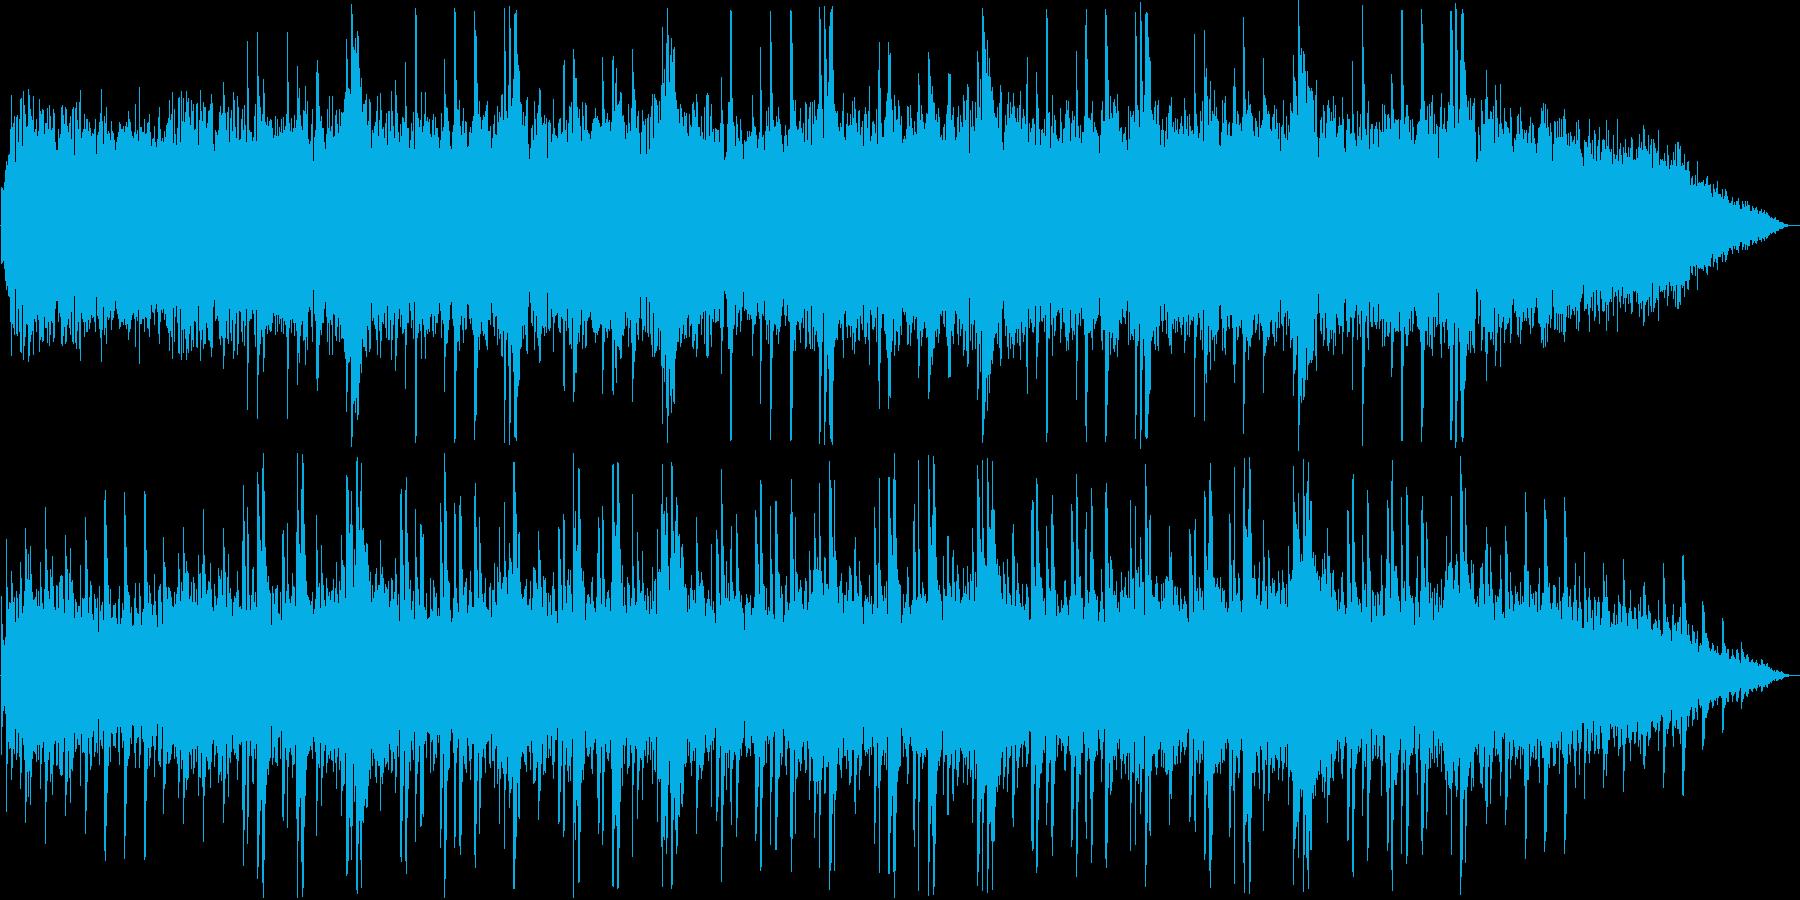 透明感のあるギターシンセ鈴サウンドの再生済みの波形